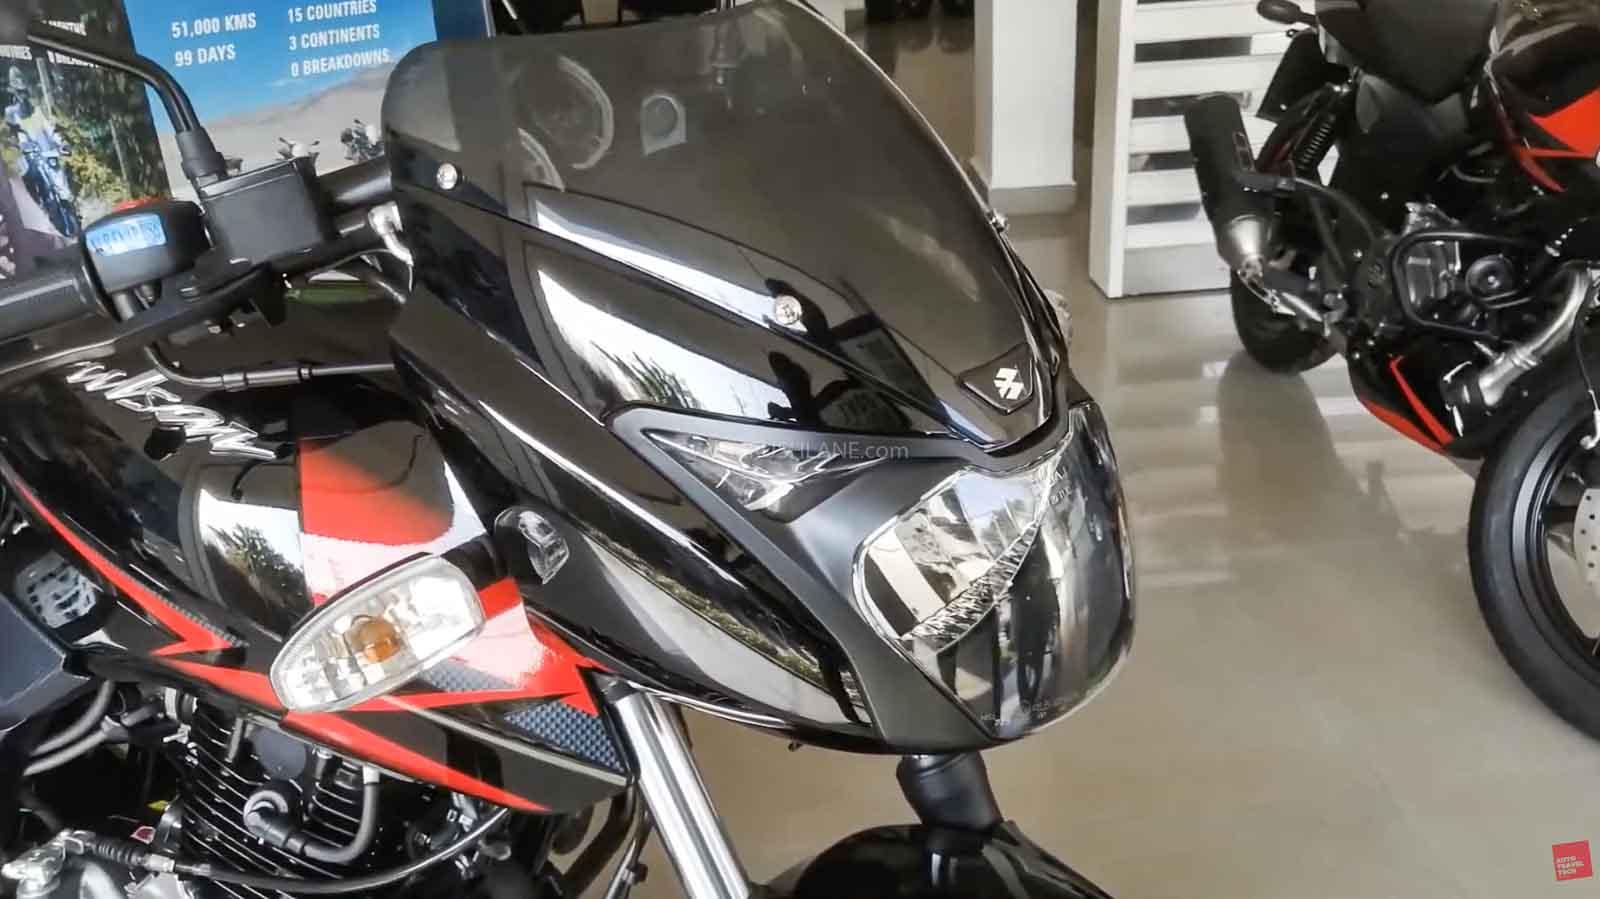 2021 Bajaj Pulsar 180 At Dealer Showroom - First Look Walkaround - RushLane